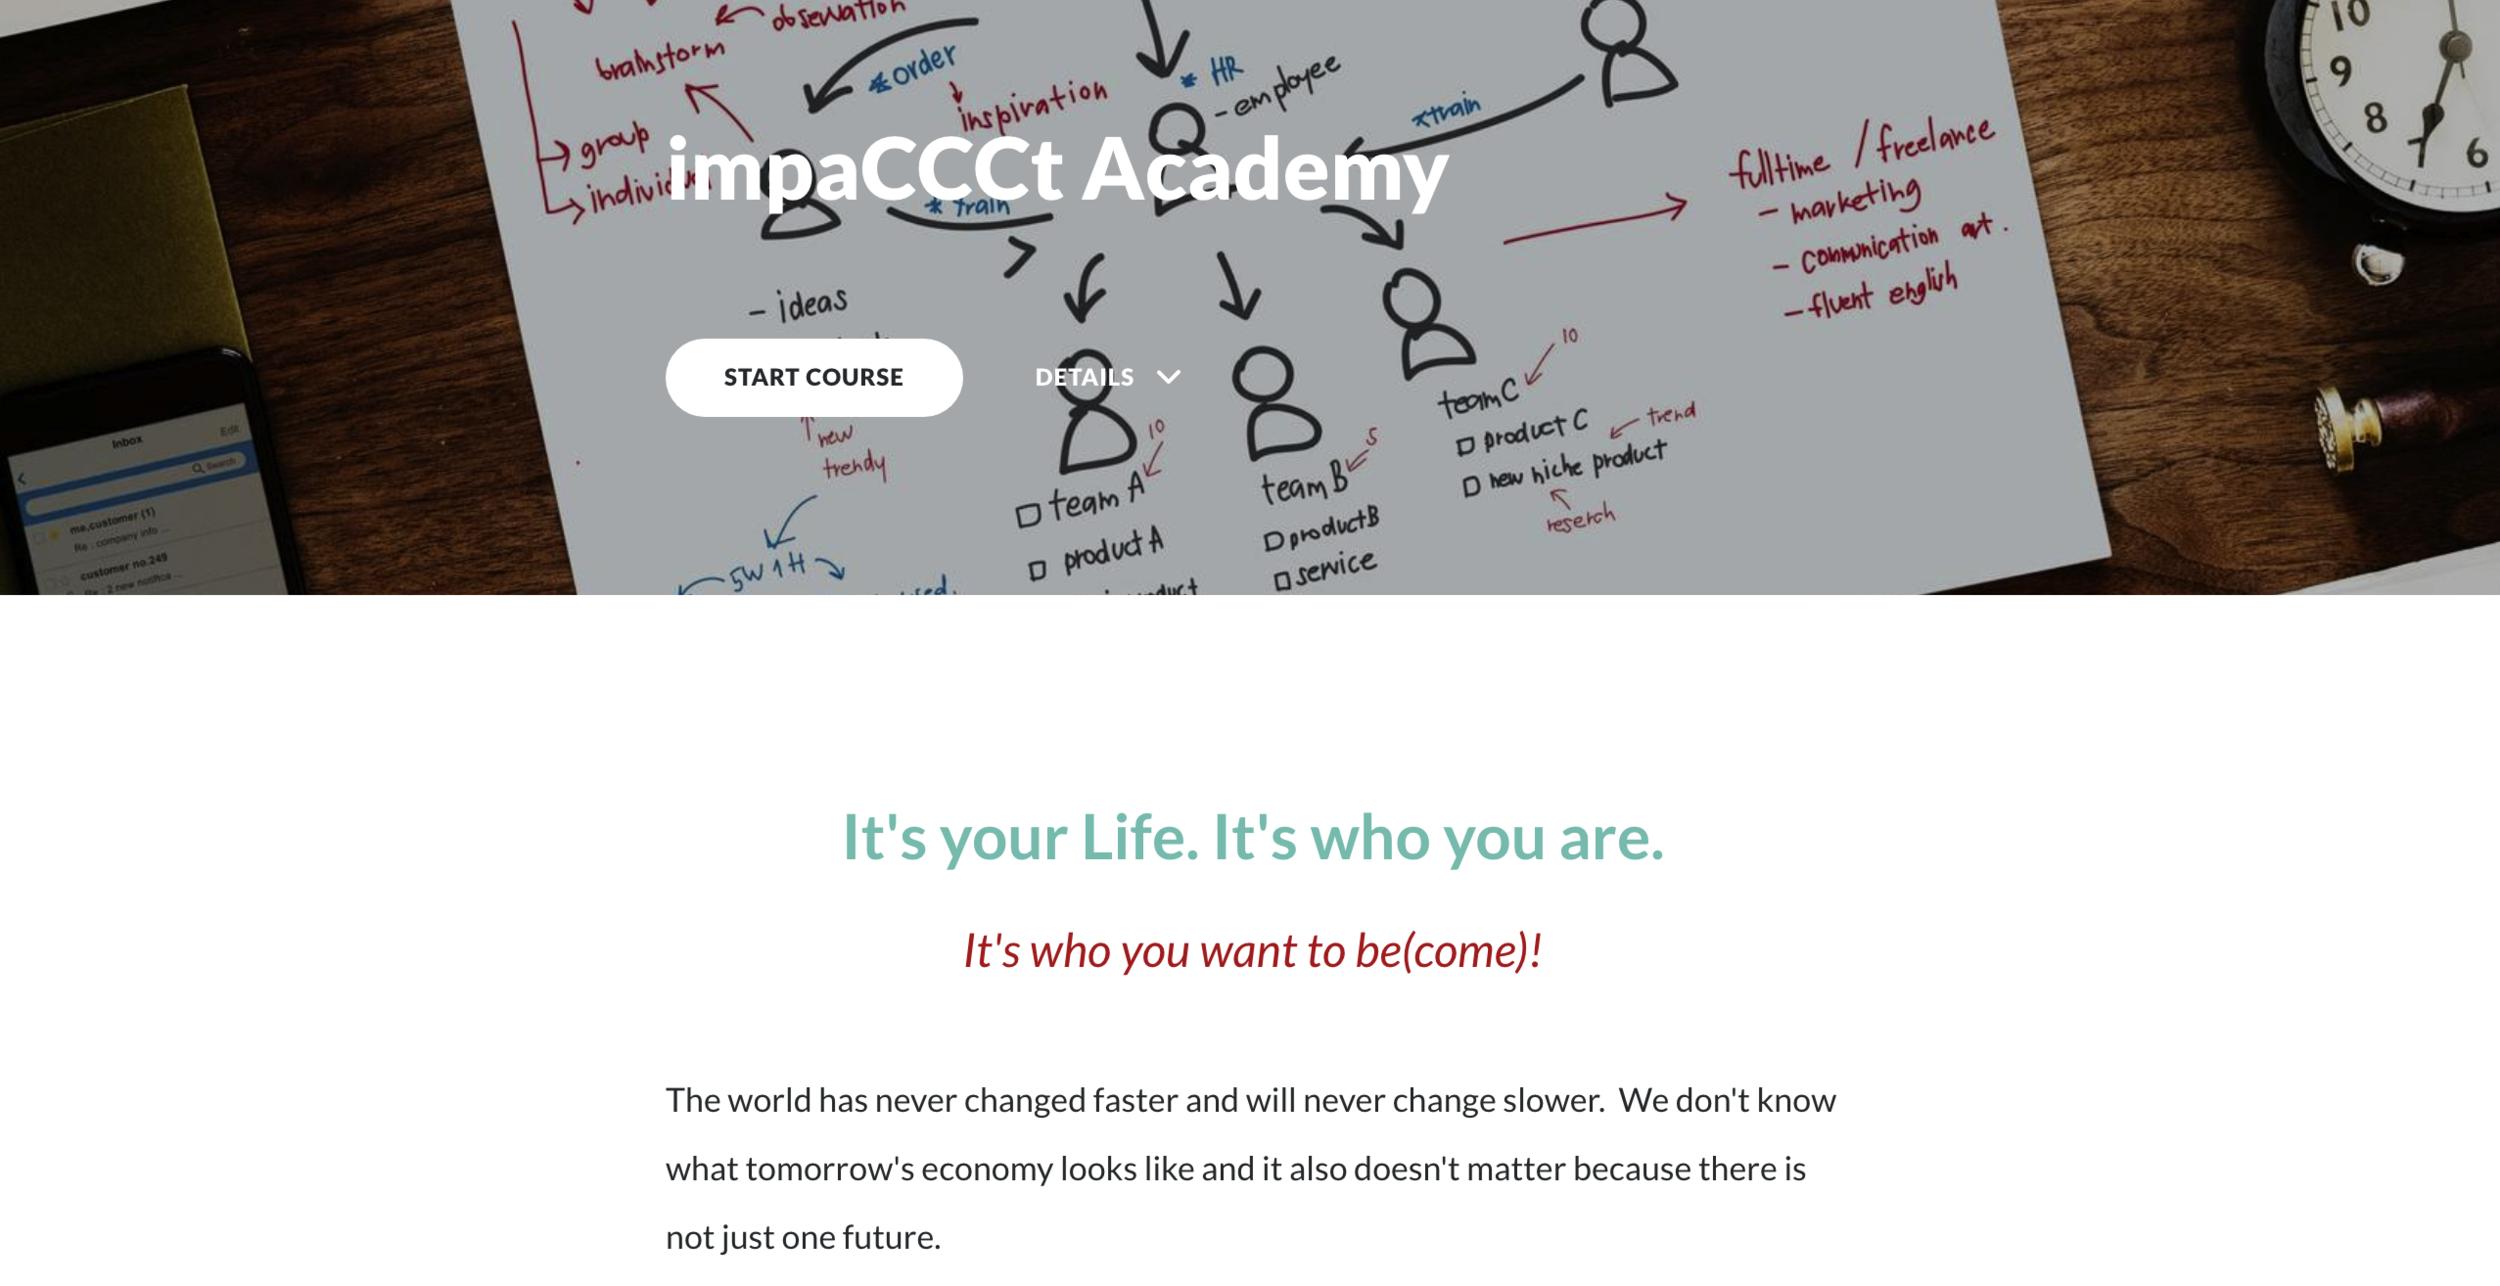 impaCCCt Academy